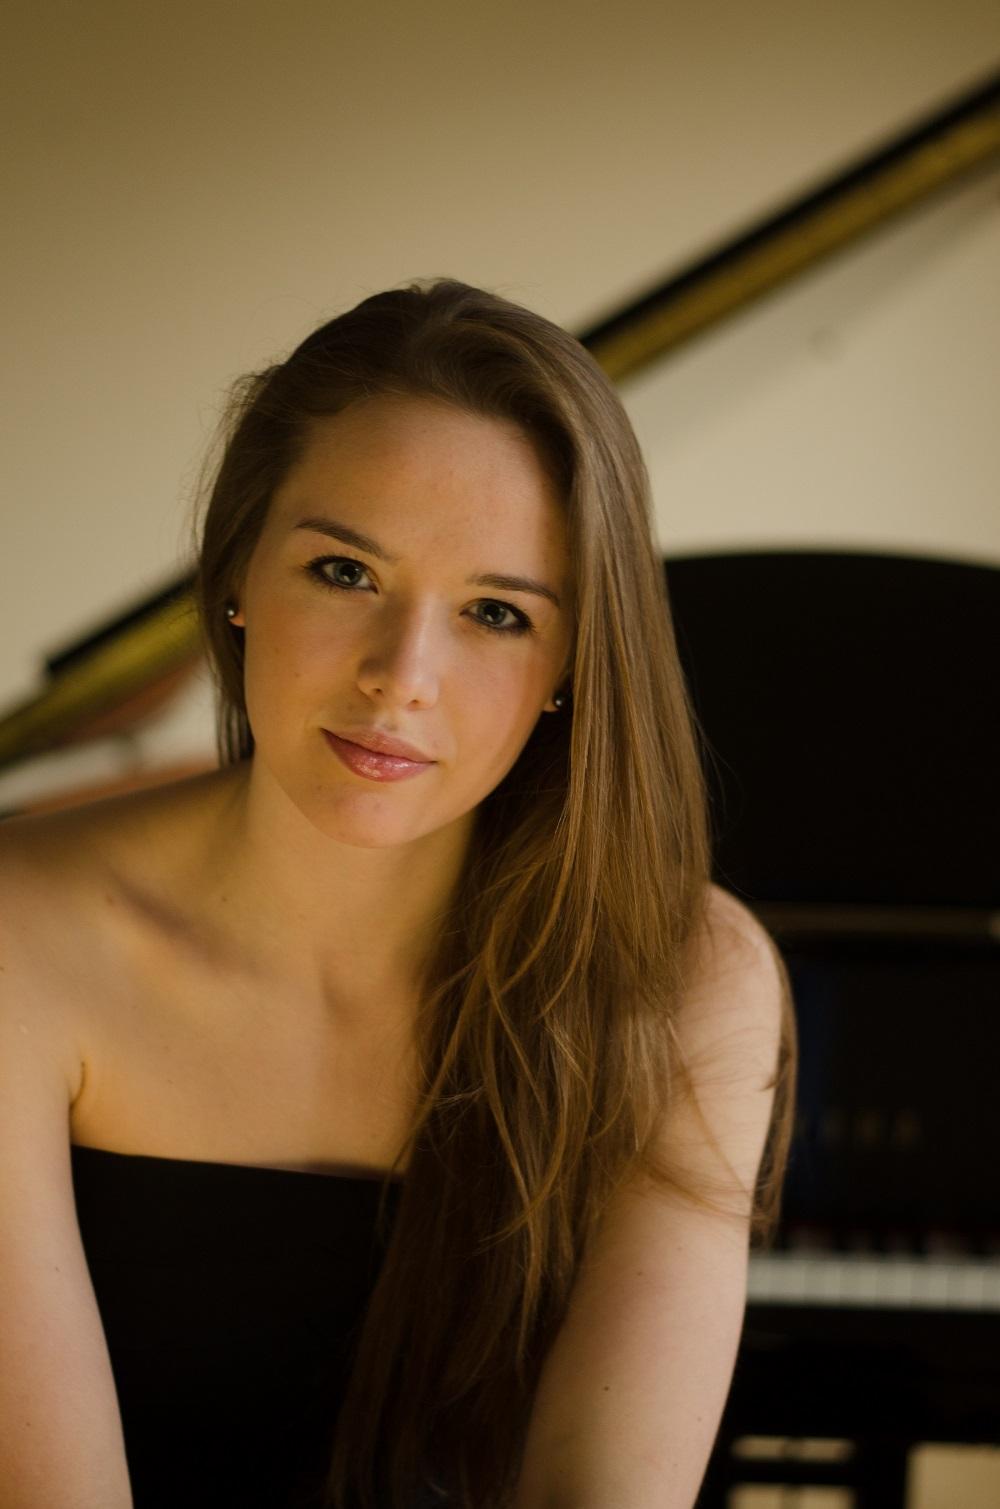 Die Pianistin Olga Zarytovska ist die Solistin des Neujahrskonzerts der Gemeinde Münster am 12. Januar 2019 in der Kulturhalle. Foto: privat